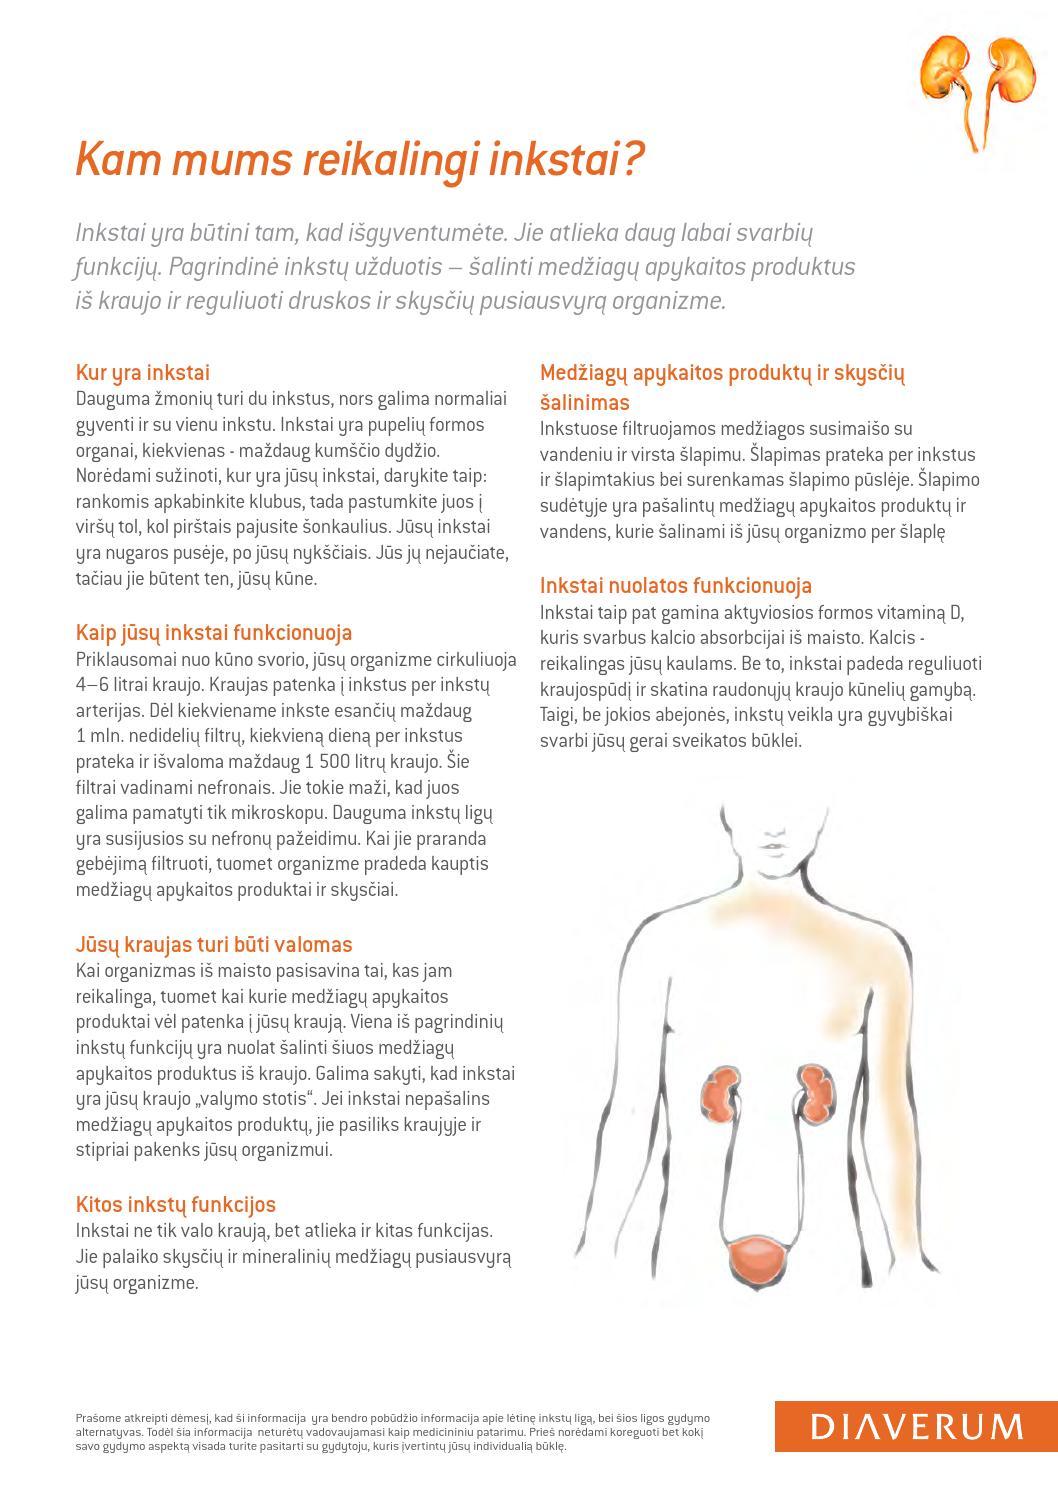 hipertenzija 40 metų, kaip gydyti nauji geri vaistai nuo hipertenzijos